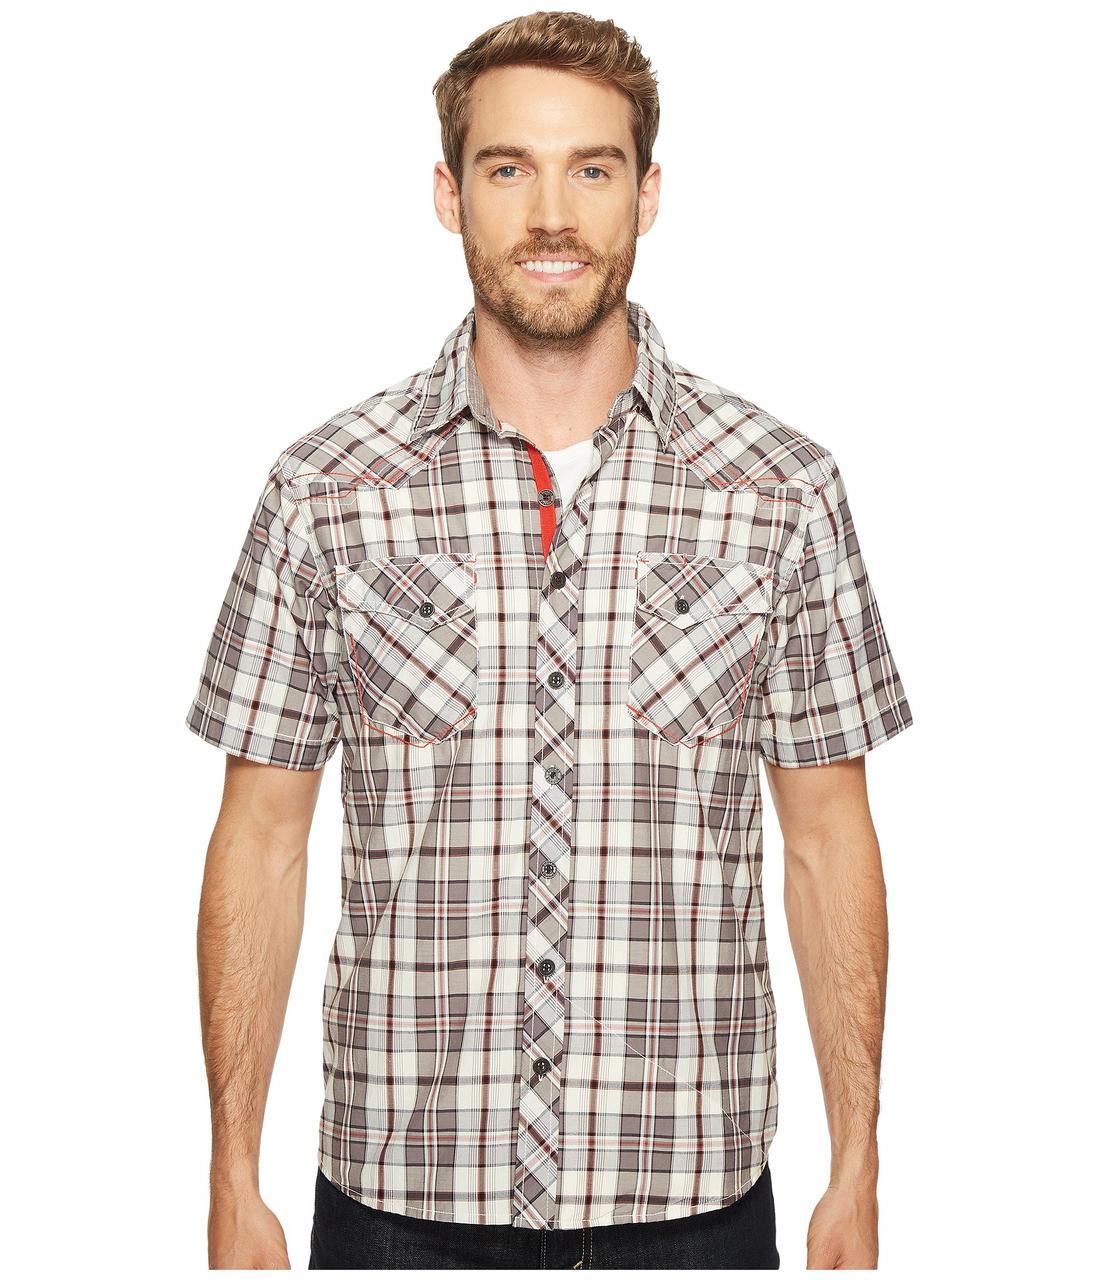 6d32127a481 Рубашка Ecoths Rowan Short Sleeve Shirt Gray - Оригинал - FAIR -  оригинальная одежда и обувь